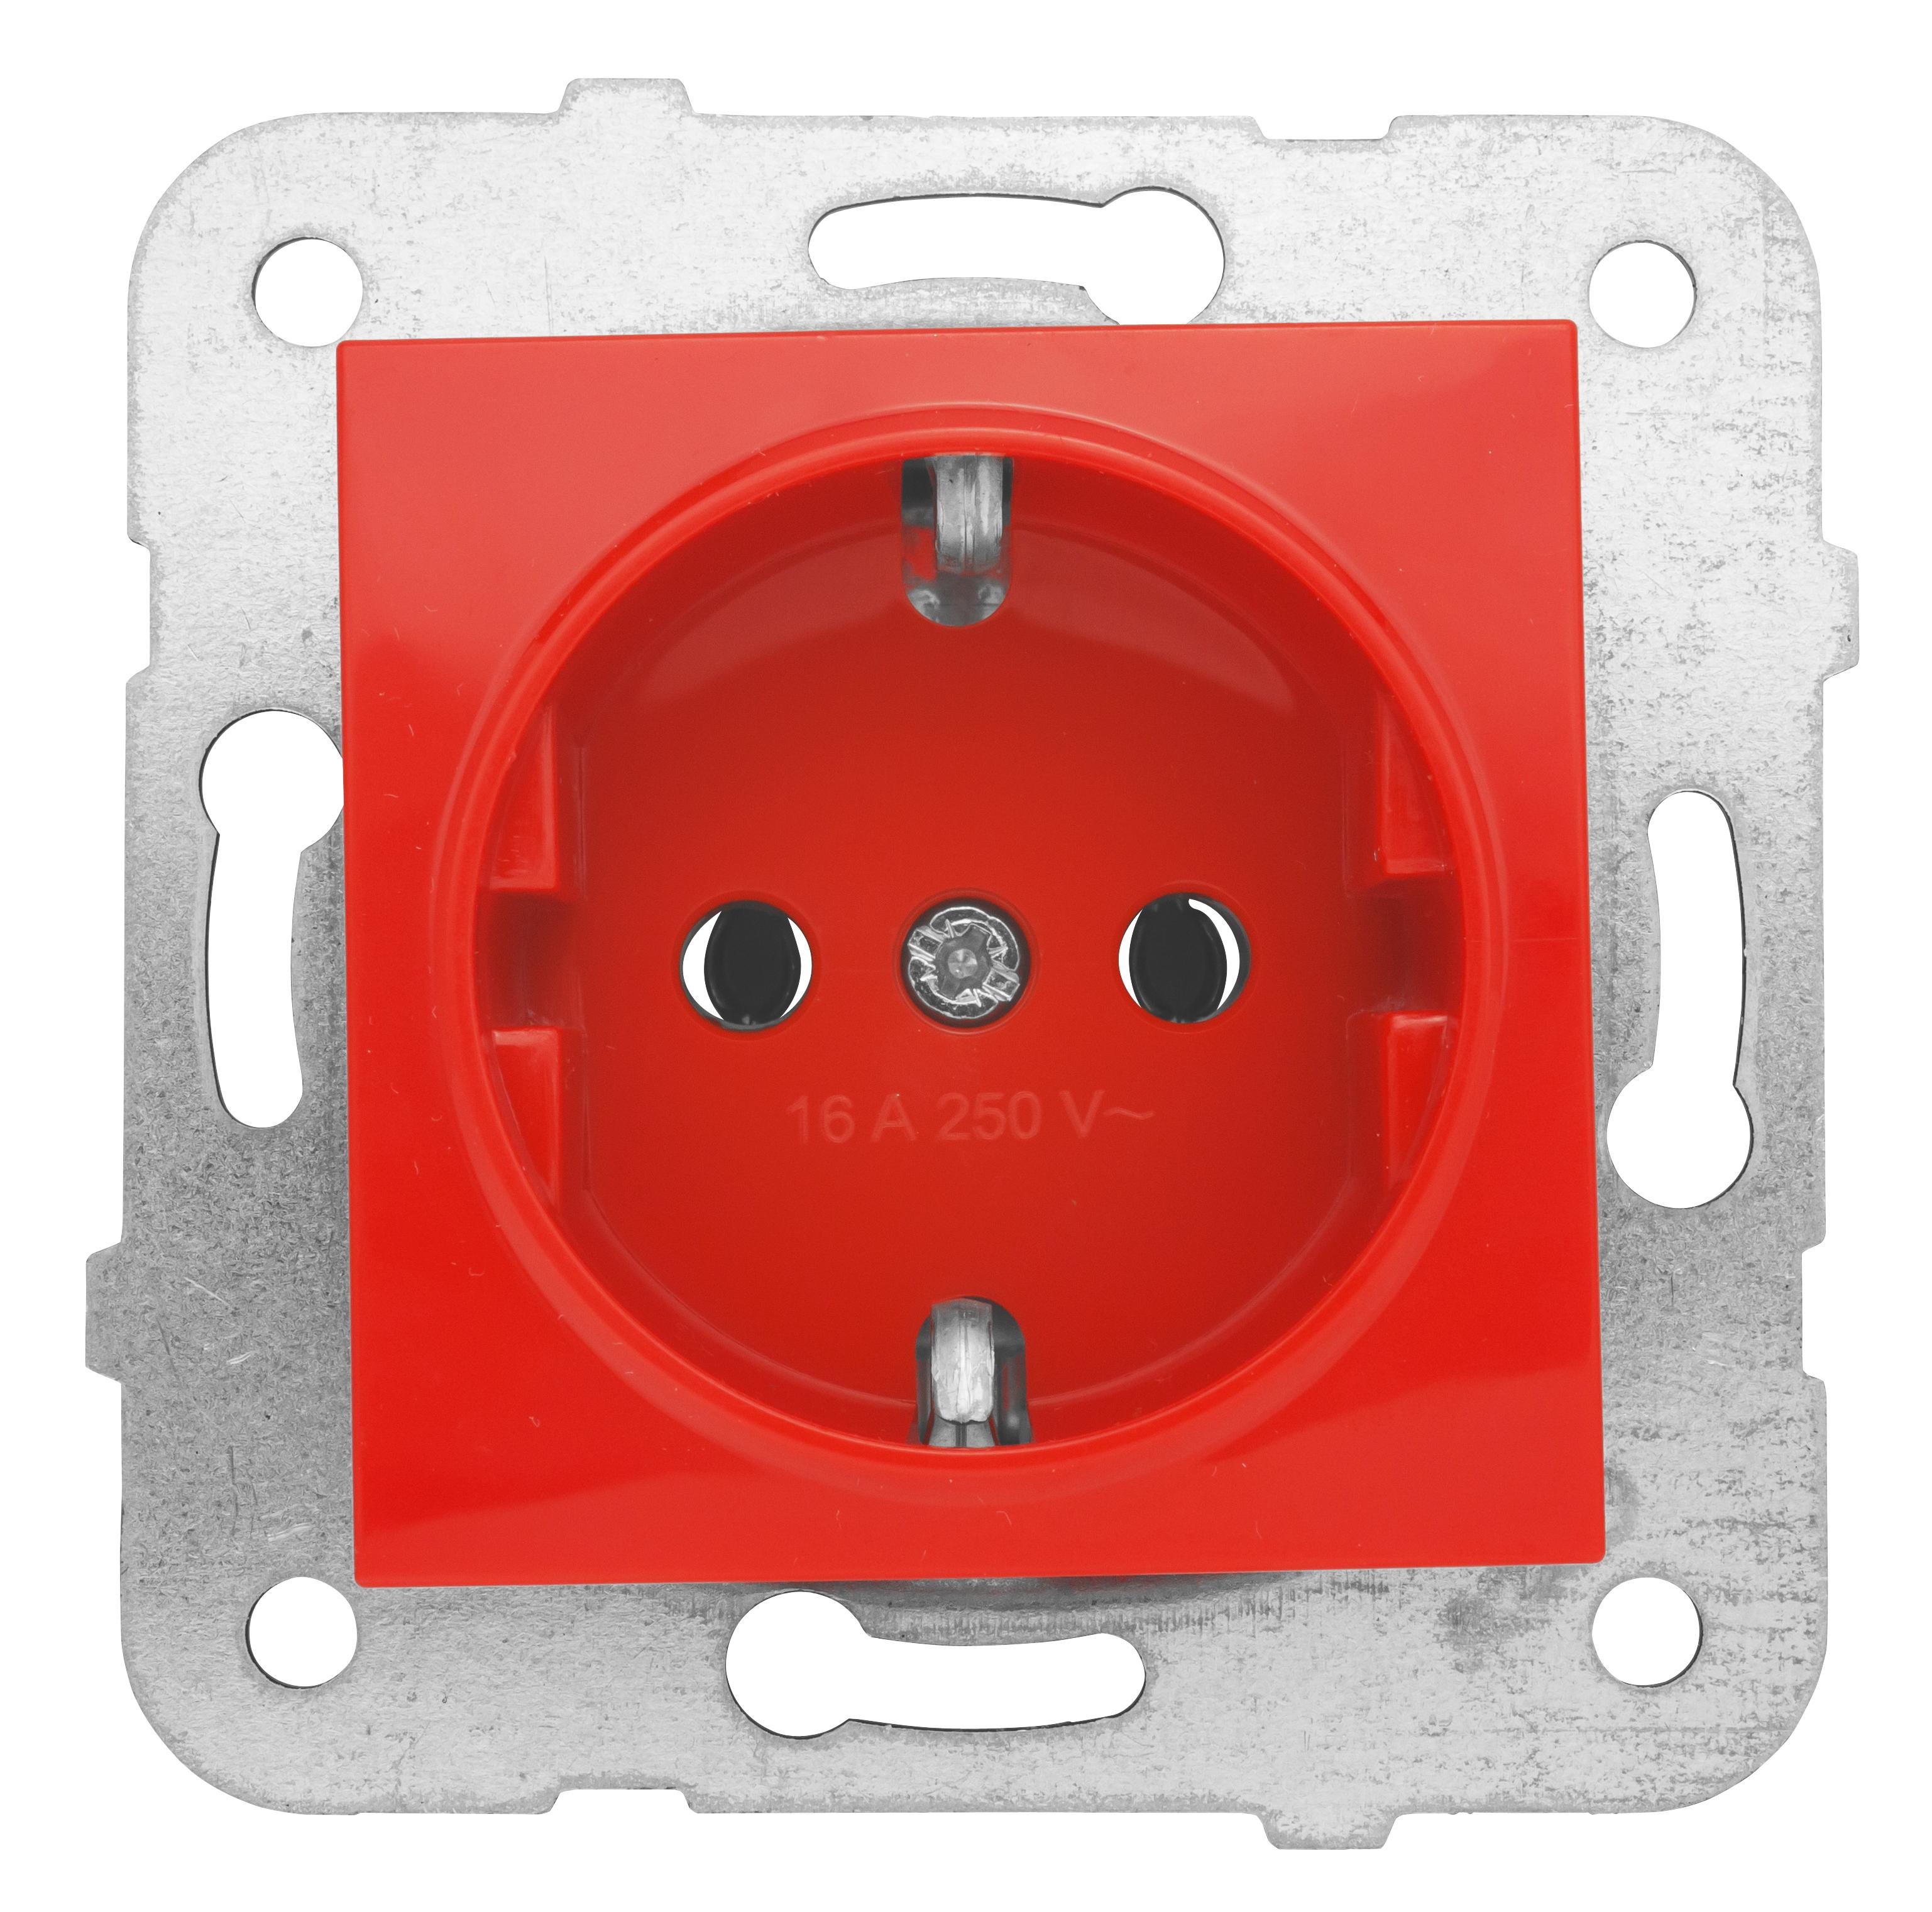 1 Stk Steckdose, rot, Steckklemmen EV101007--